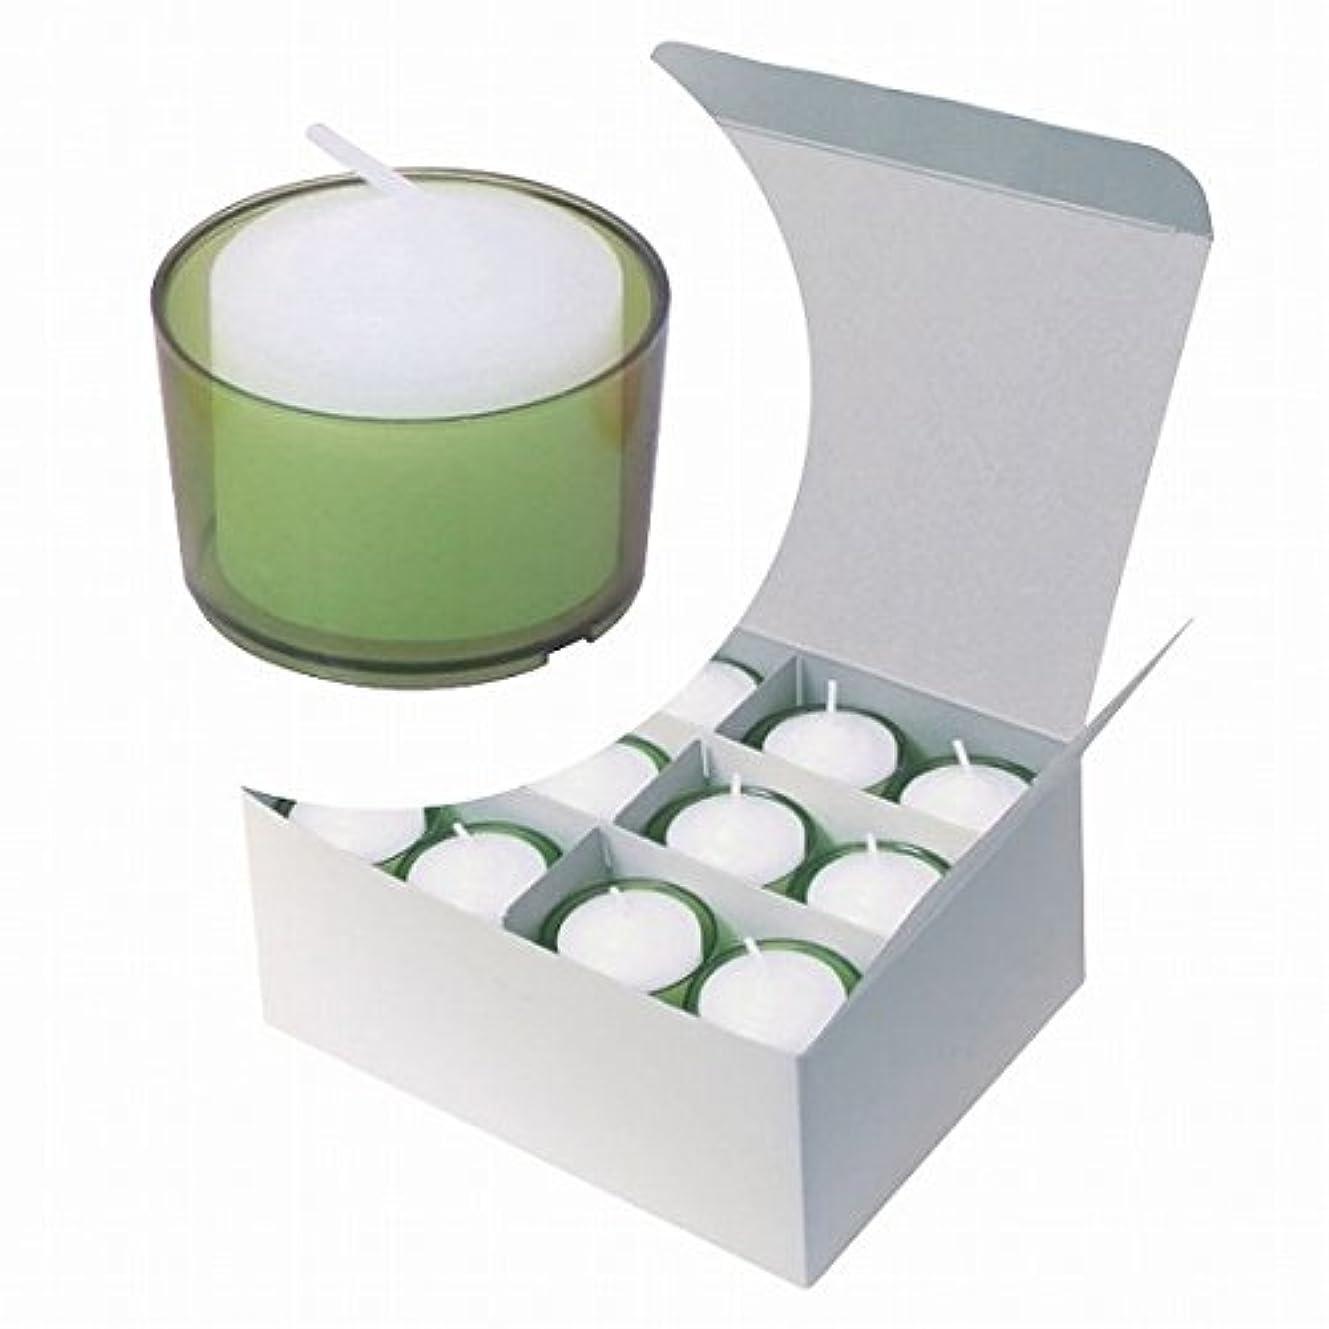 診療所パパ飾るカメヤマキャンドル(kameyama candle) カラークリアカップボーティブ6時間タイプ 24個入り 「 グリーン 」